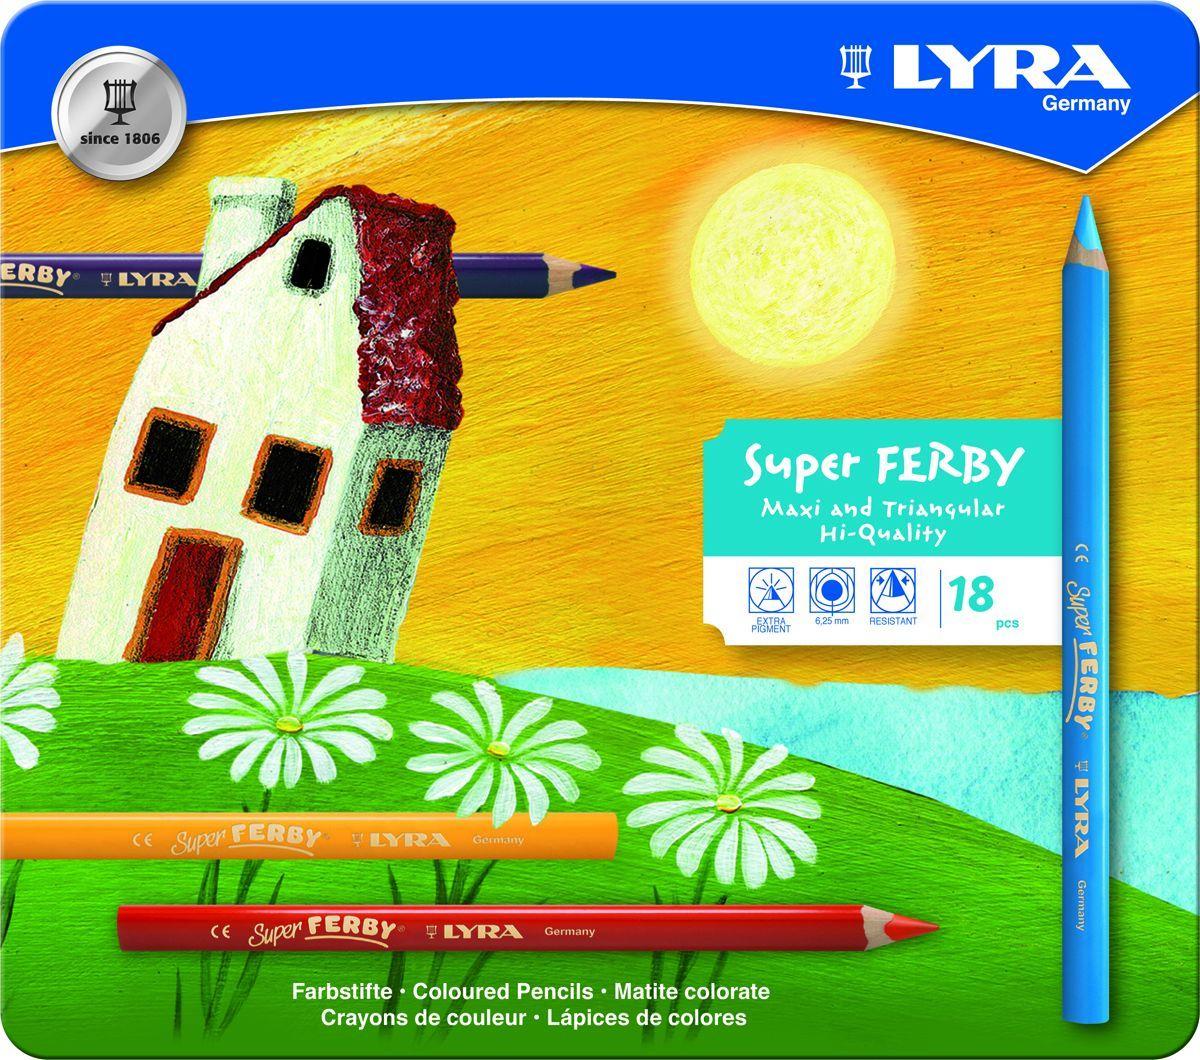 Lyra Набор цветных карандашей Super Ferby 18 штCS-MixpackА6Набор Lyra Super Ferby включает 18 цветных карандашей. Карандаши имеют эргономичную округло-треугольную форму. Набор включает в себя 12 ярких цветных карандашей.Карандаши изготовлены из натурального сертифицированного дерева, экологически чистые. Имеют ударопрочный неломающийся высокопигментный грифель, не требующий сильного нажатия.Диаметр грифеля 6,25 мм, длина карандаша 175 мм.